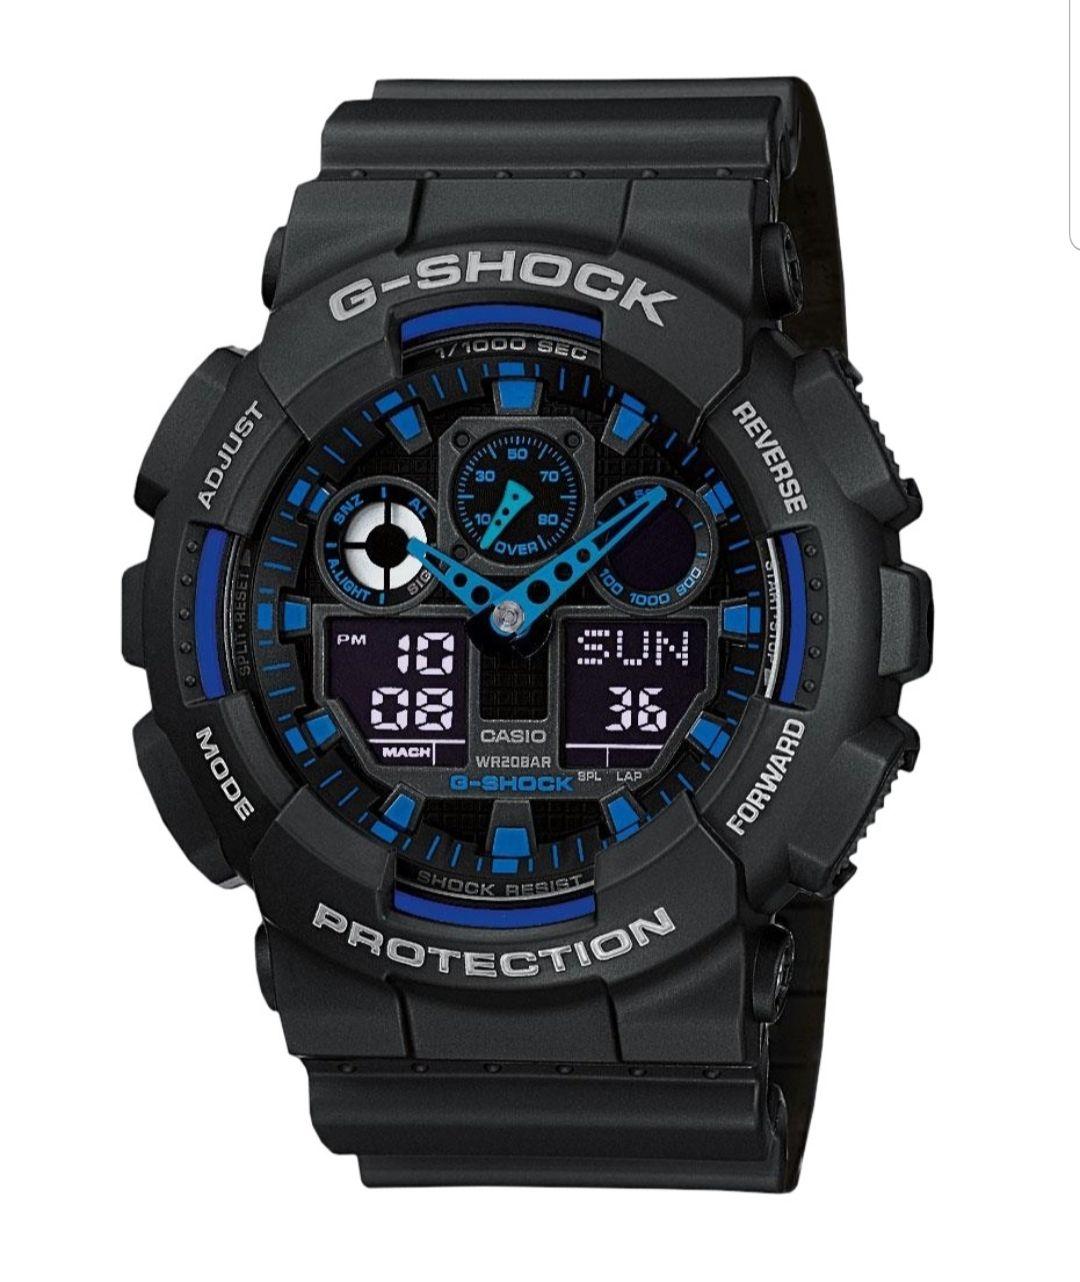 Przeceny na G-Shocki z okazji Allegro blackweek